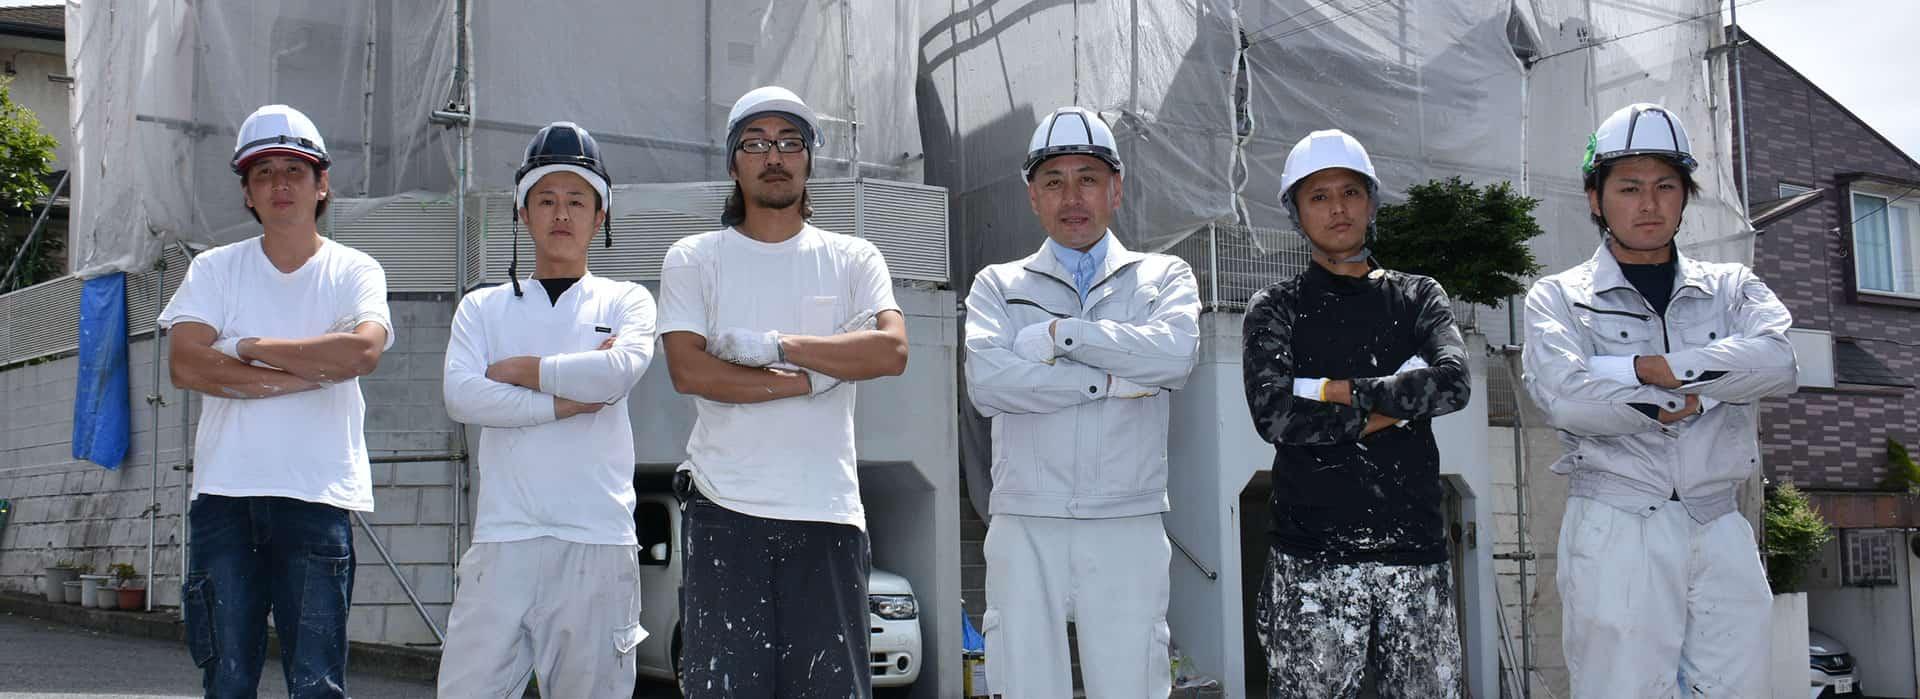 横浜市の外壁塗装の職人集団、山田工芸へ塗装工事のお問い合わせ